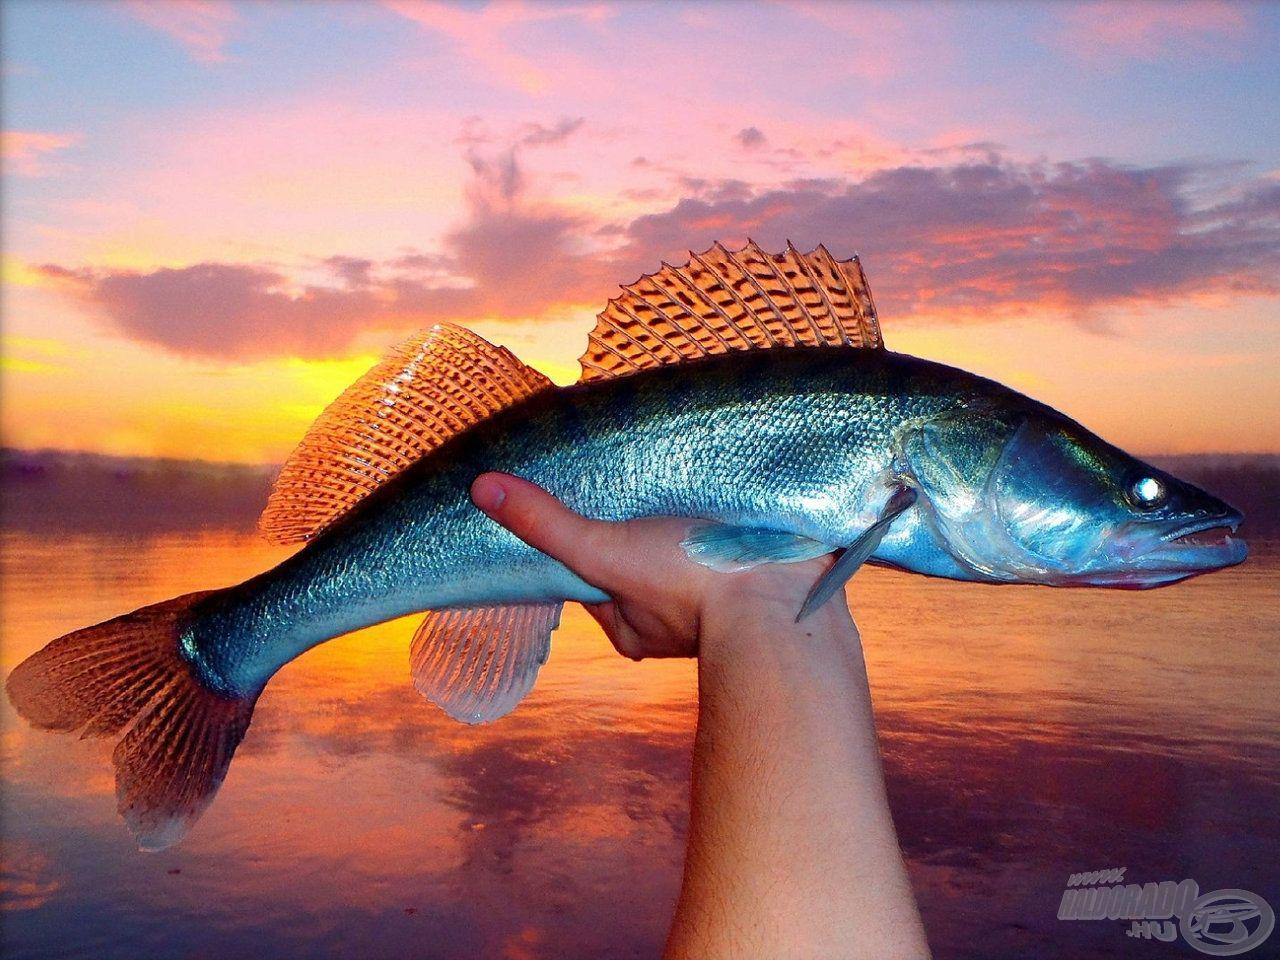 … még az ilyen átlagméretű halak is nagy örömöt tudnak okozni